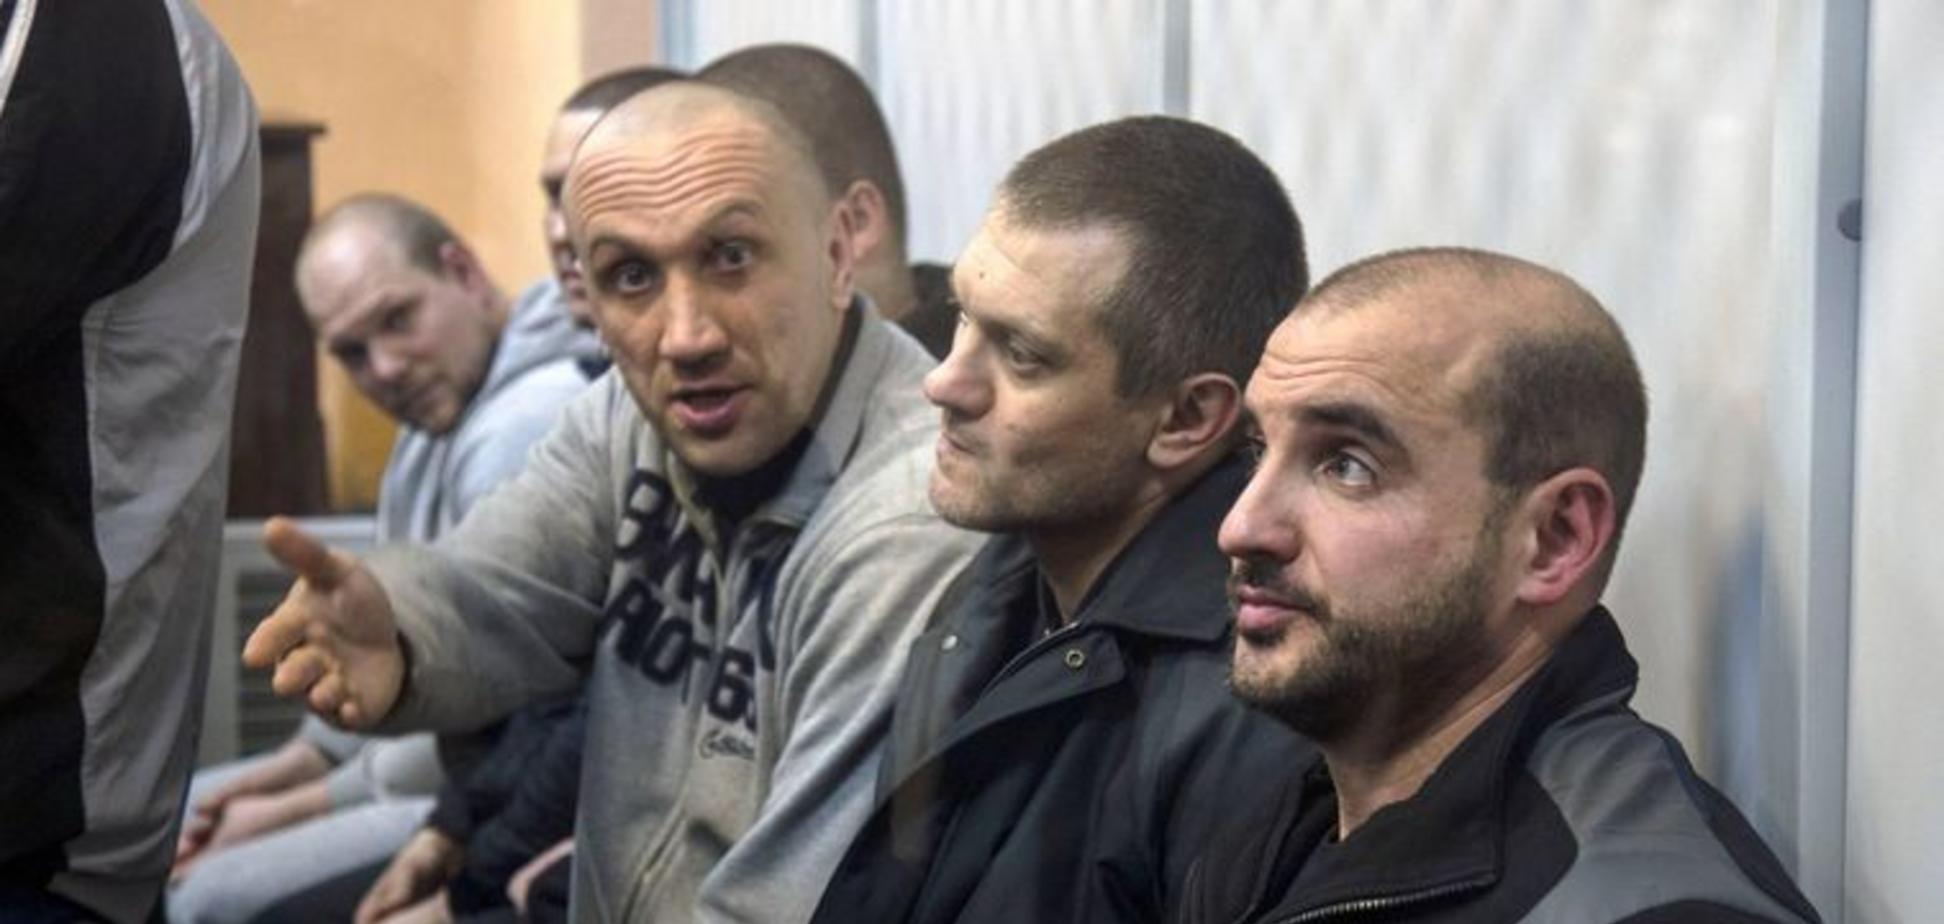 Суд отпустил четверых подозреваемых в убийстве ветерана АТО 'Сармата'